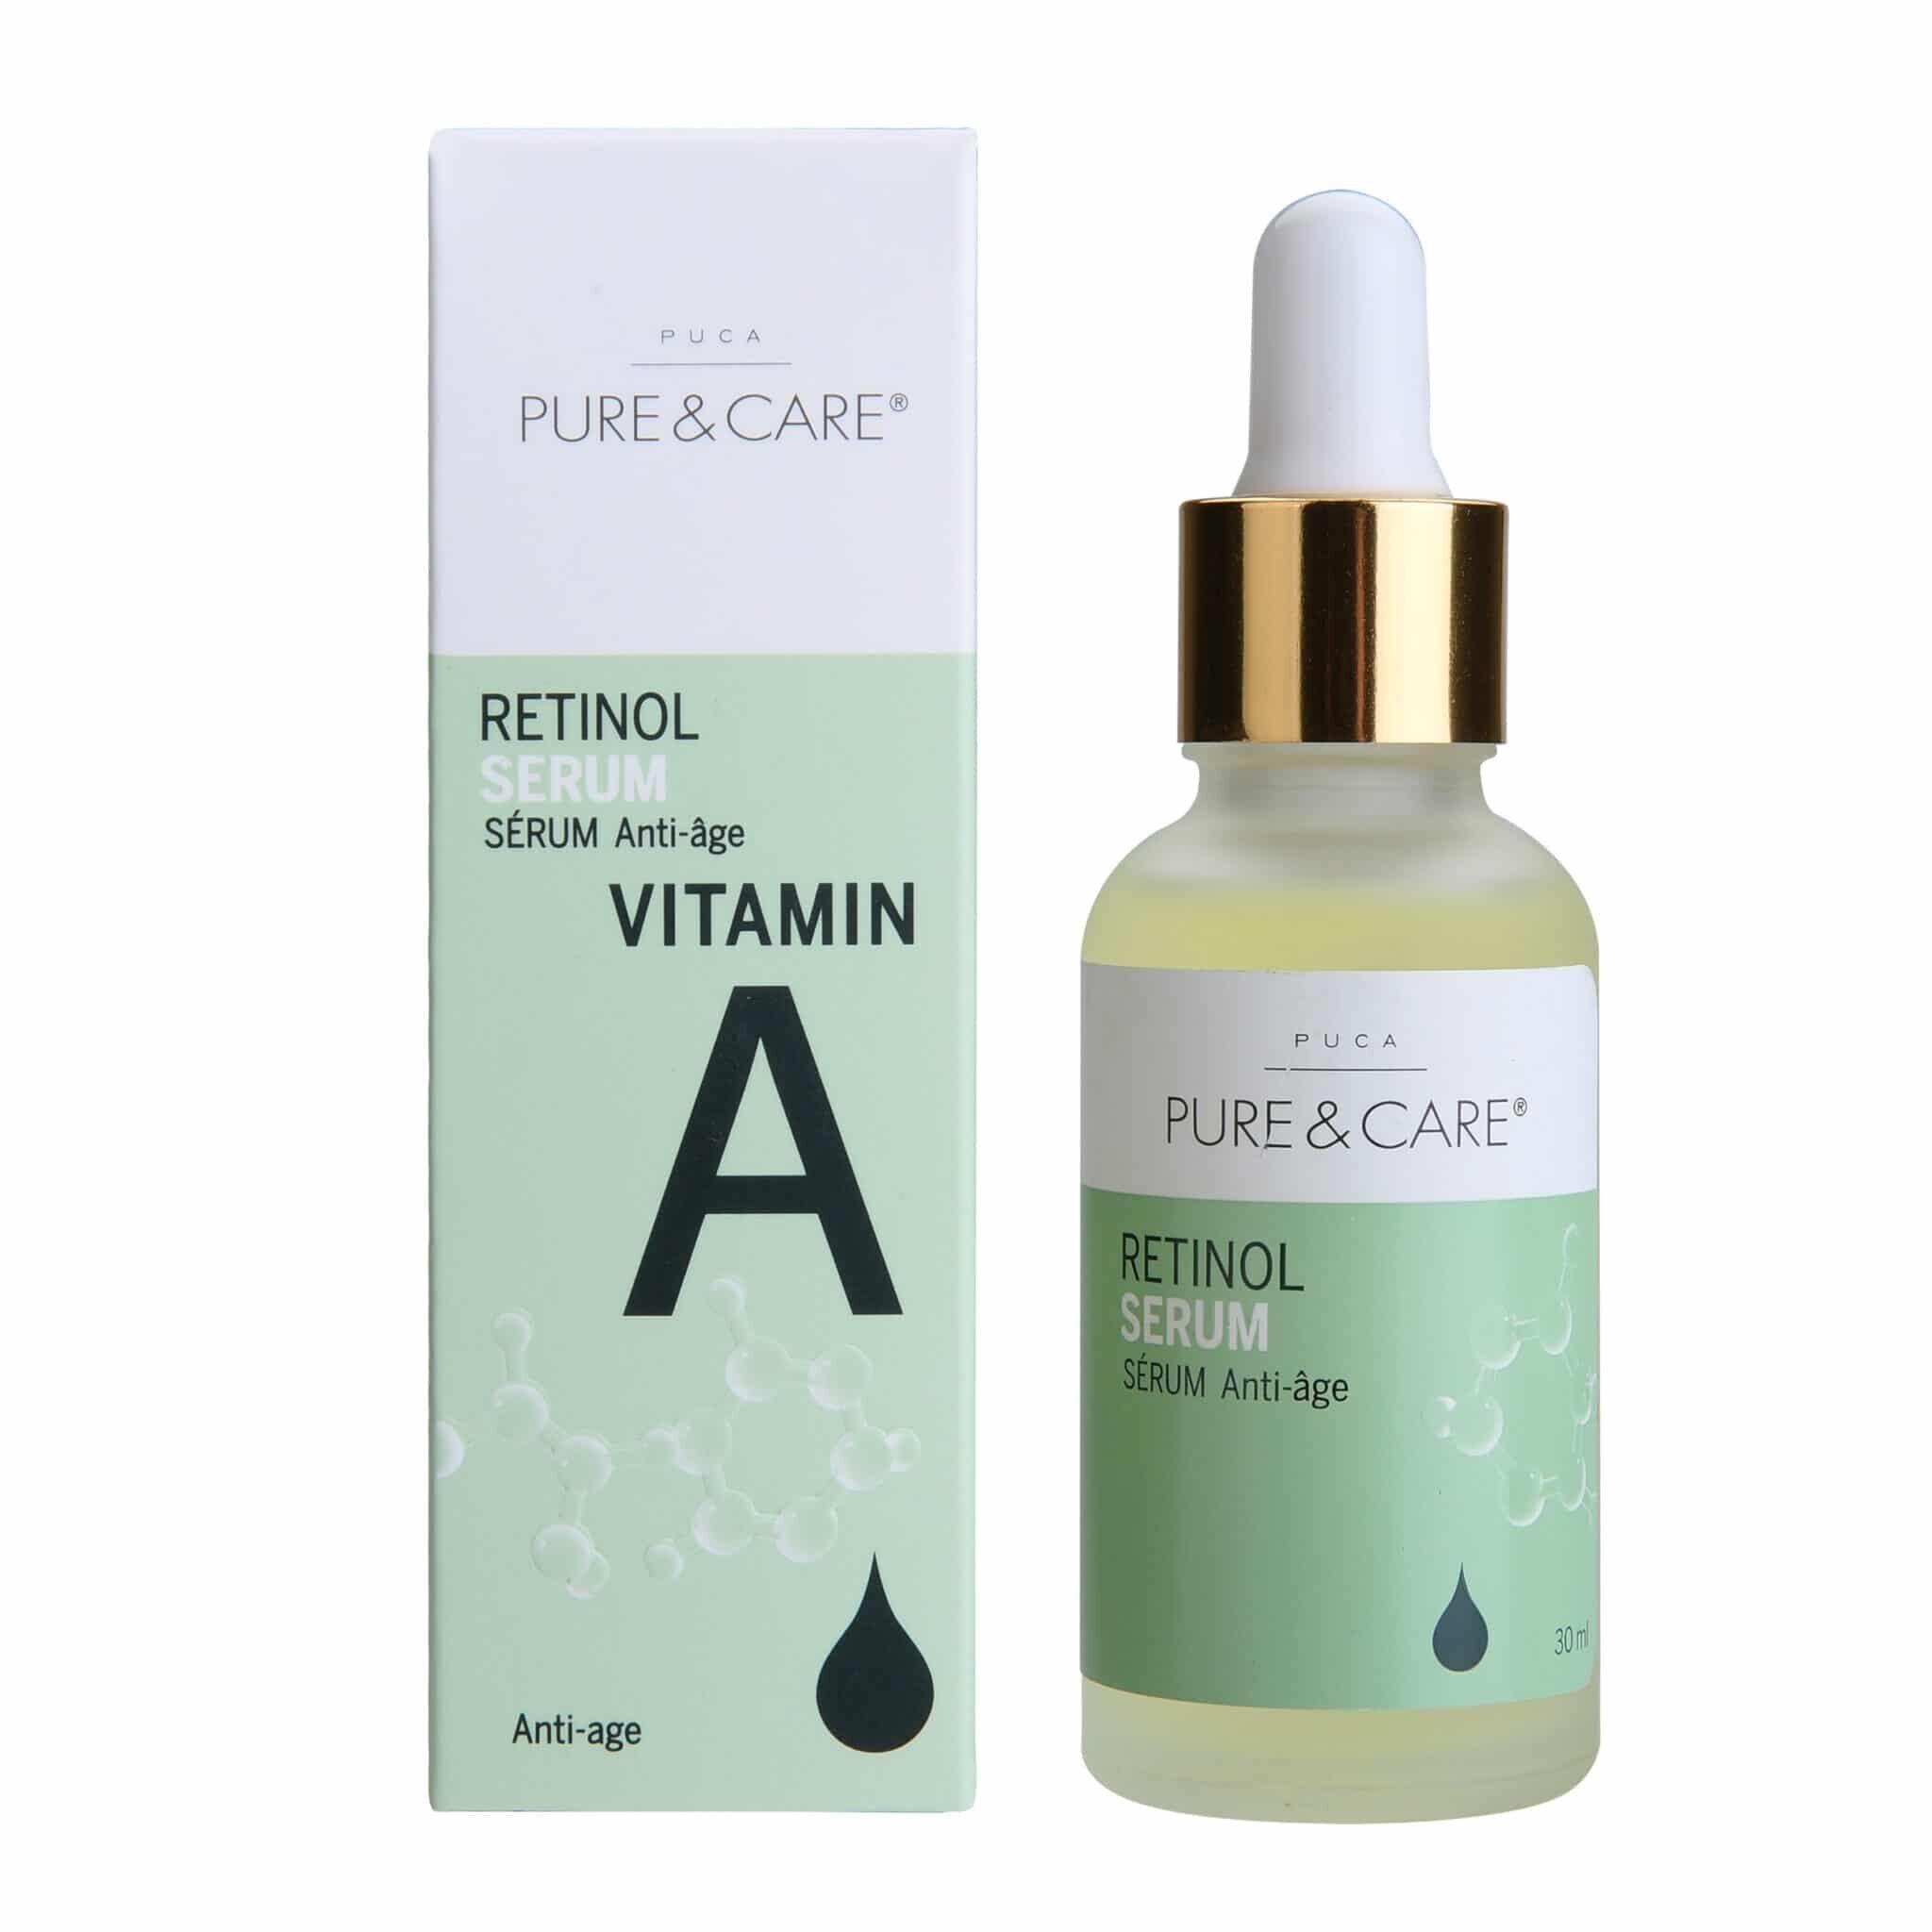 Puca Pure & Care Vitamin A